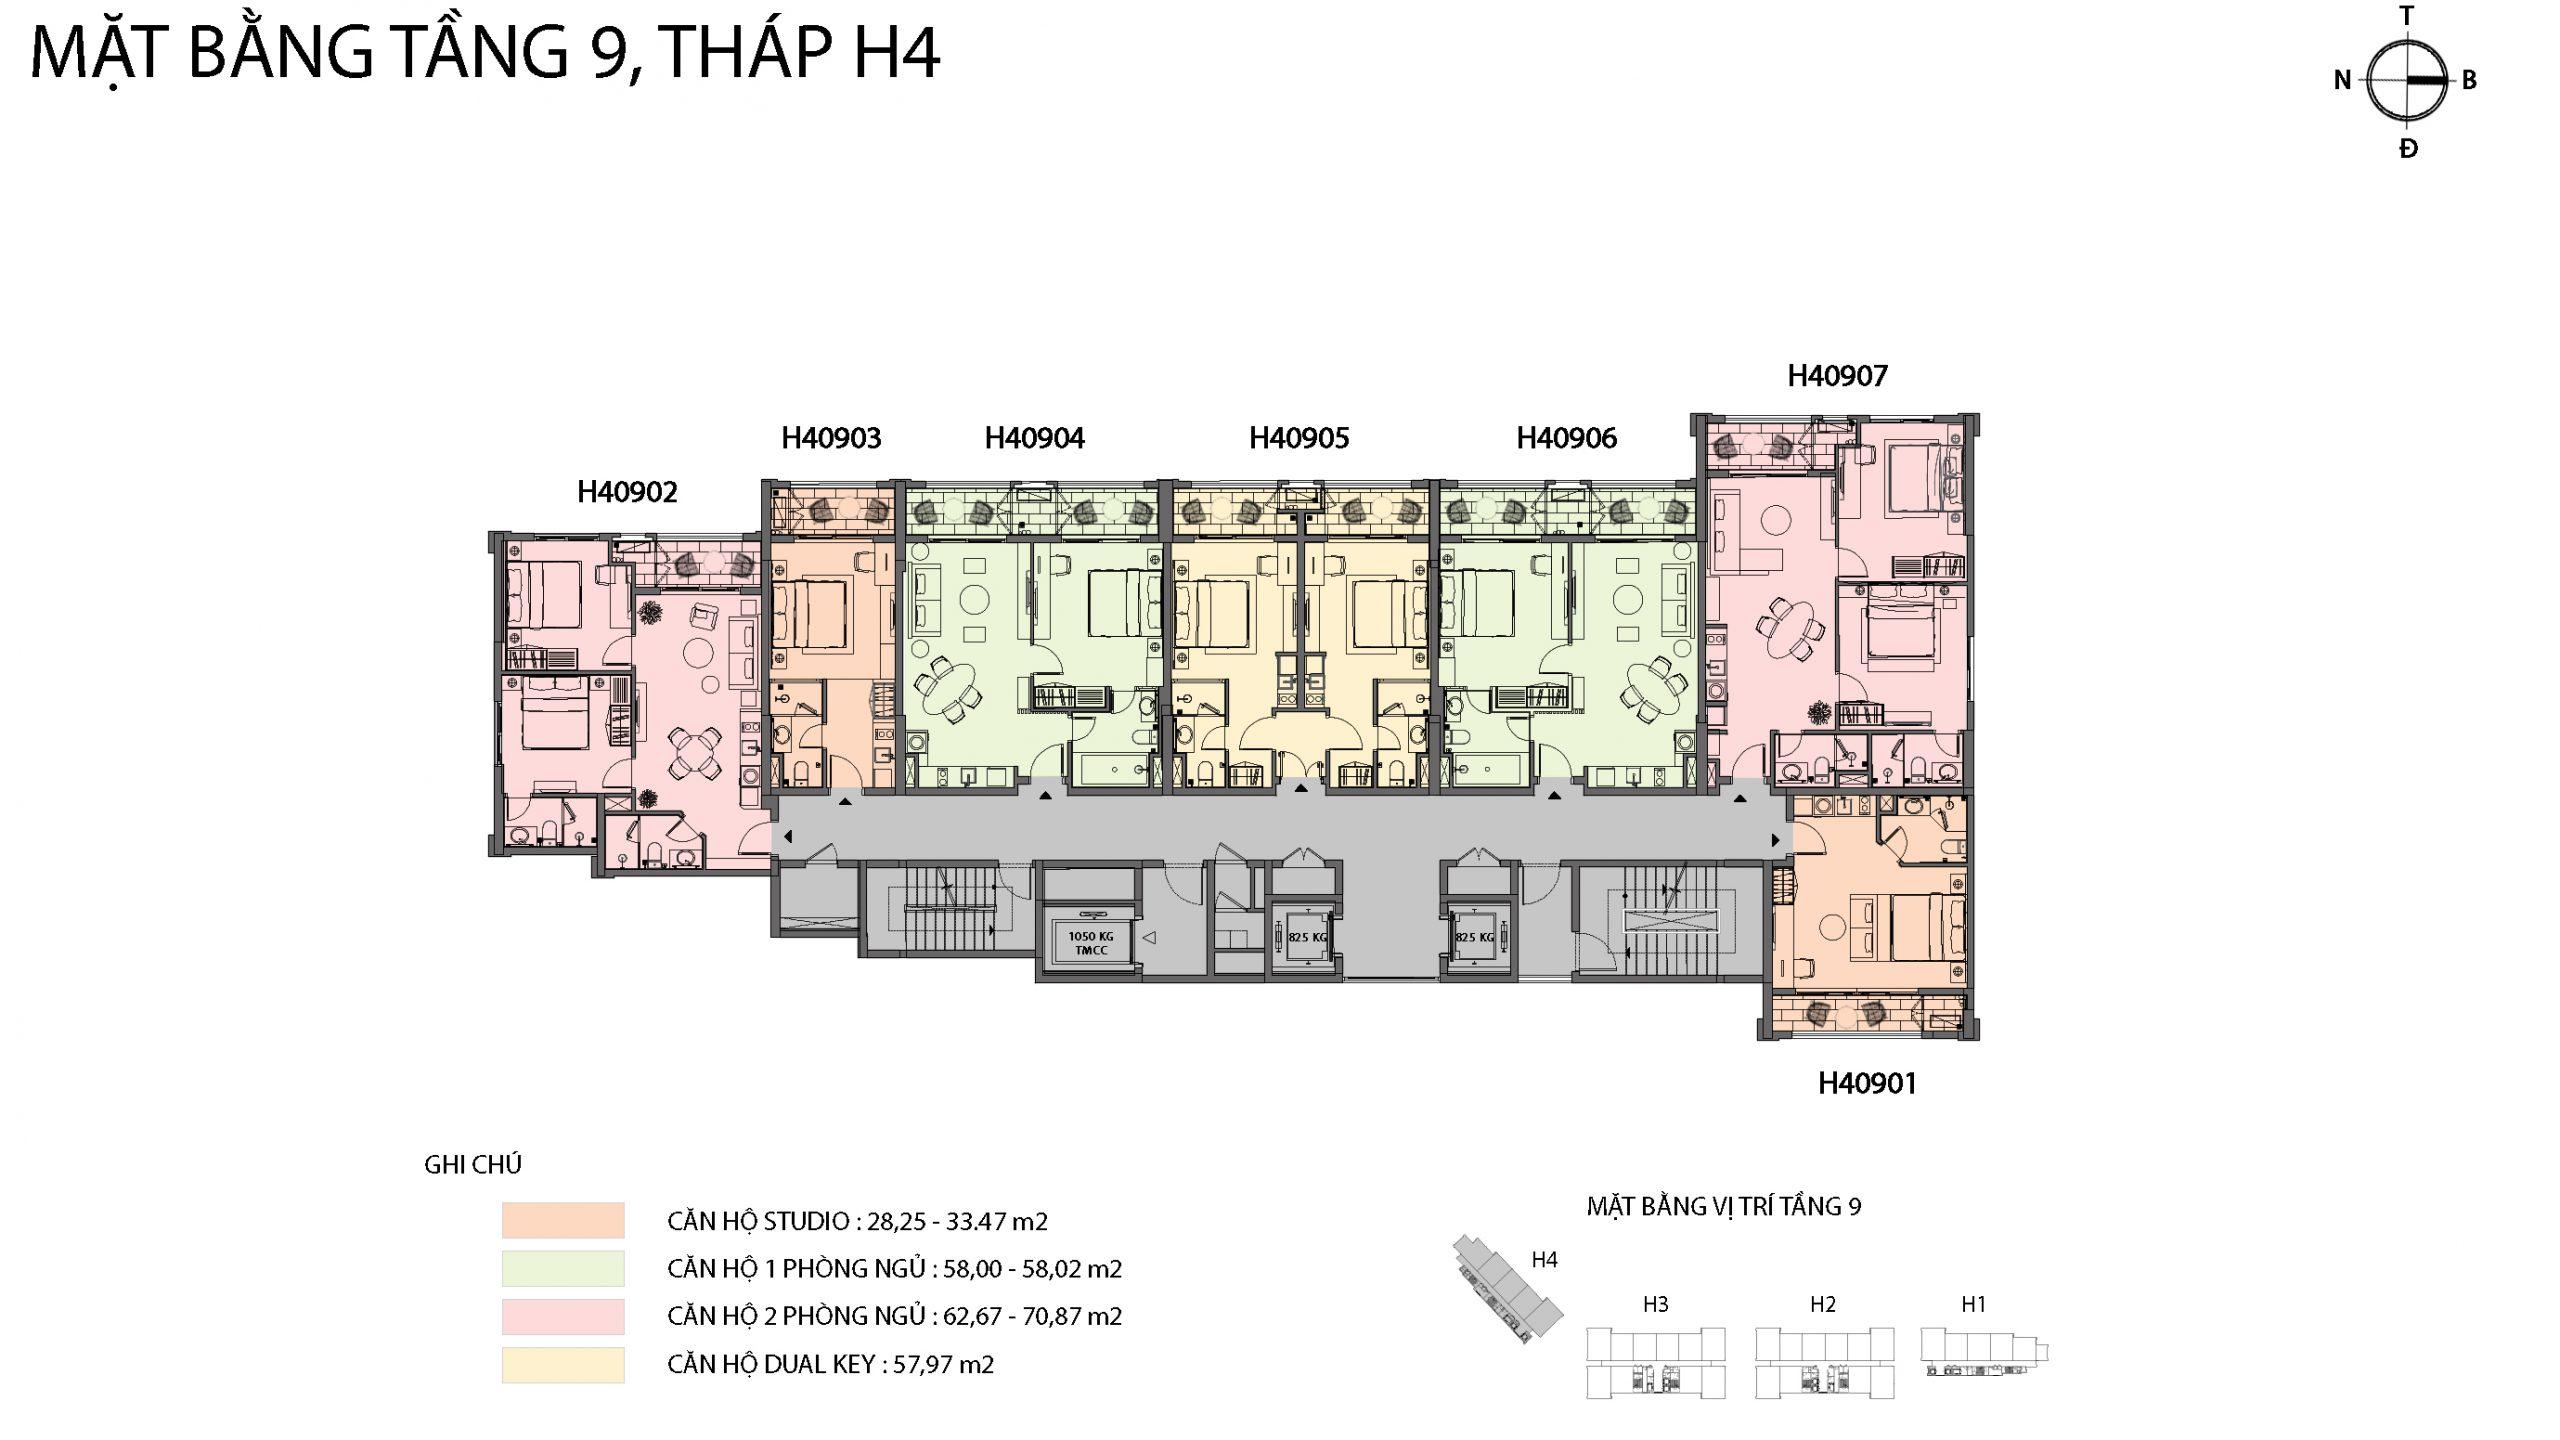 Mặt bằng chi tiết tòa căn hộ H4 - Sun Grand City Hillside Residence 7